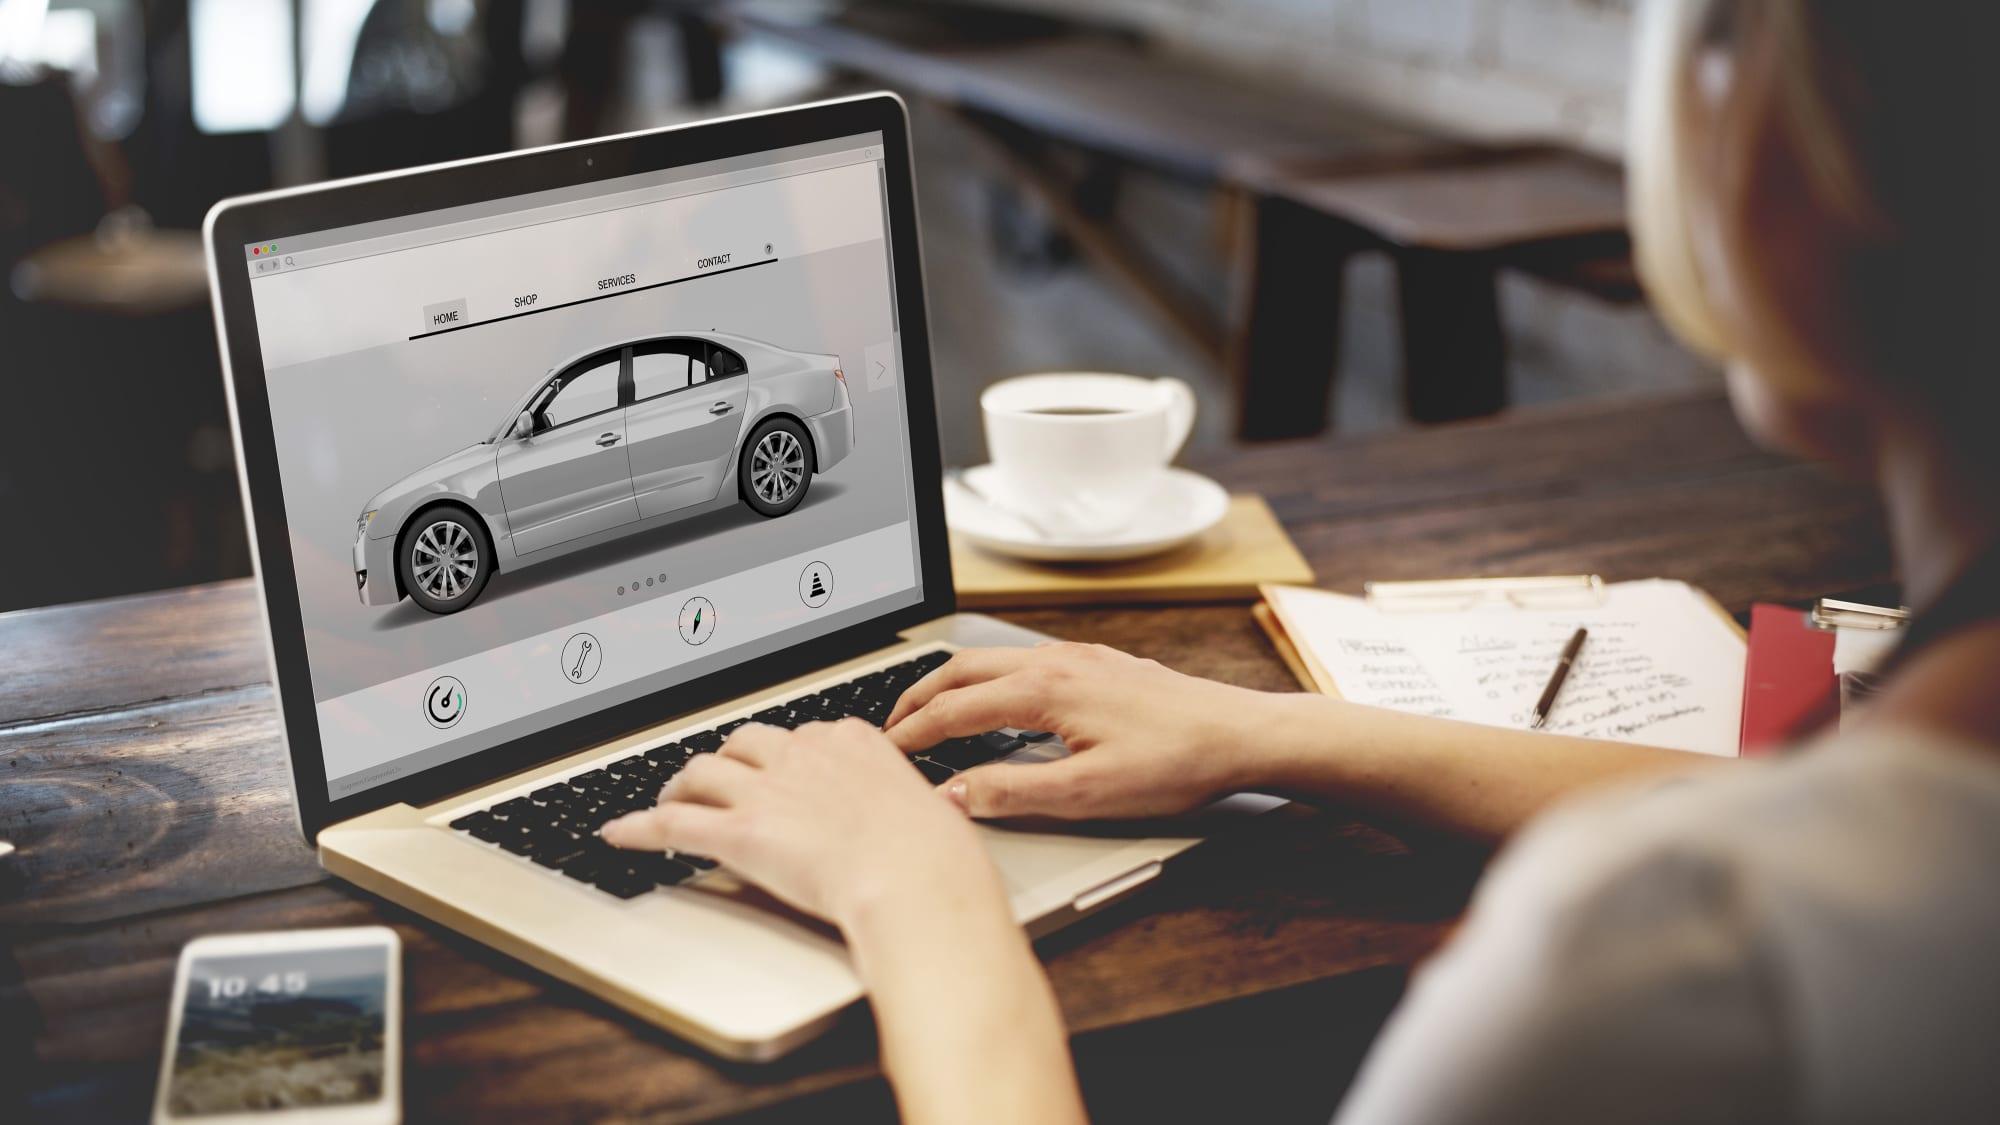 Frau informiert sich am Computer über Fahrzeugdaten zum Autokauf